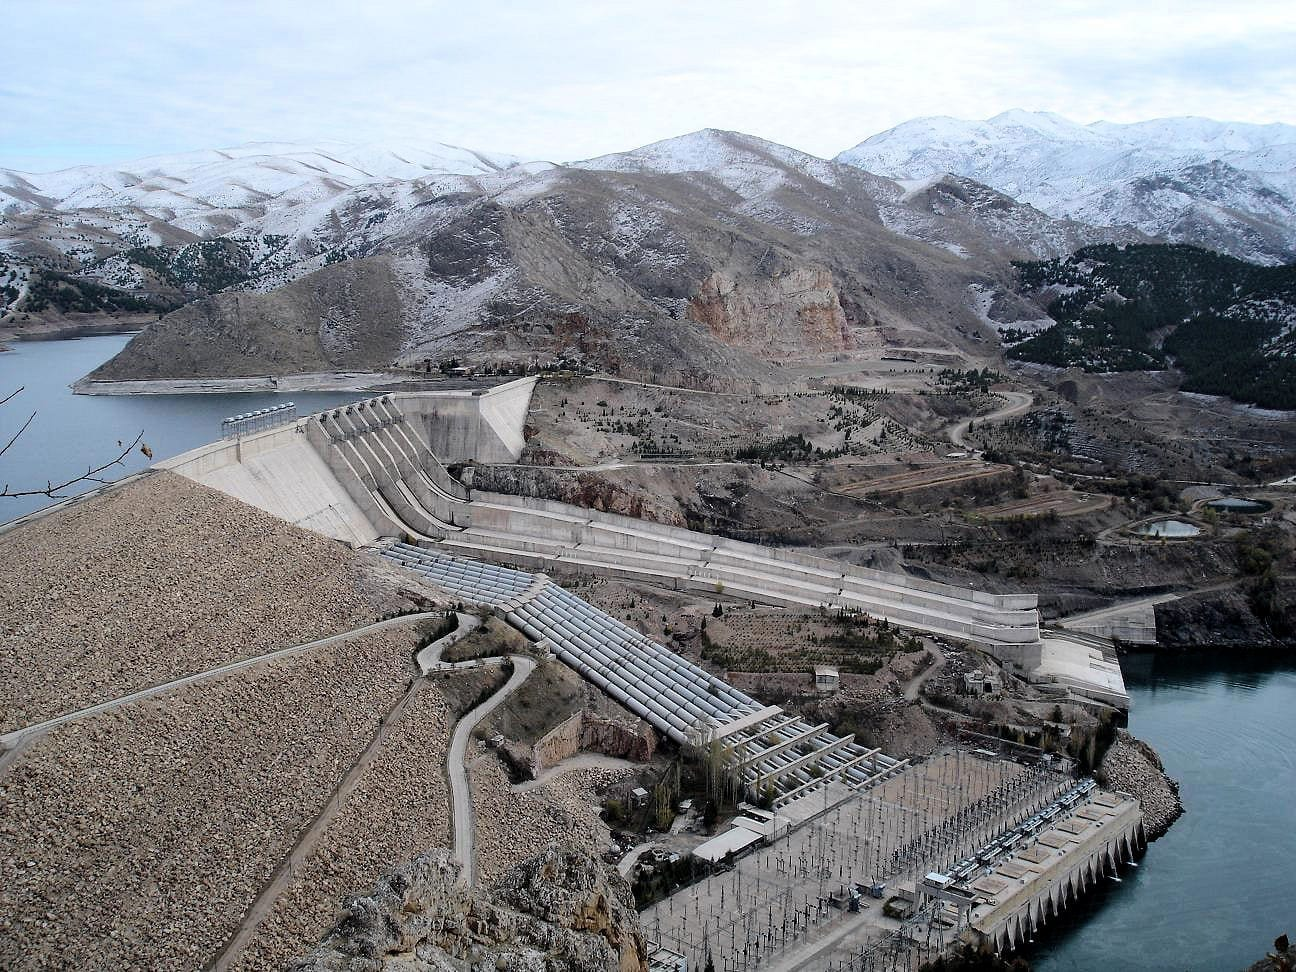 La presa de Keban, a 45 km de Elazığ, creó un lago artificial cuyas orillas abarcan parte de la ciudad Elazig Turquía